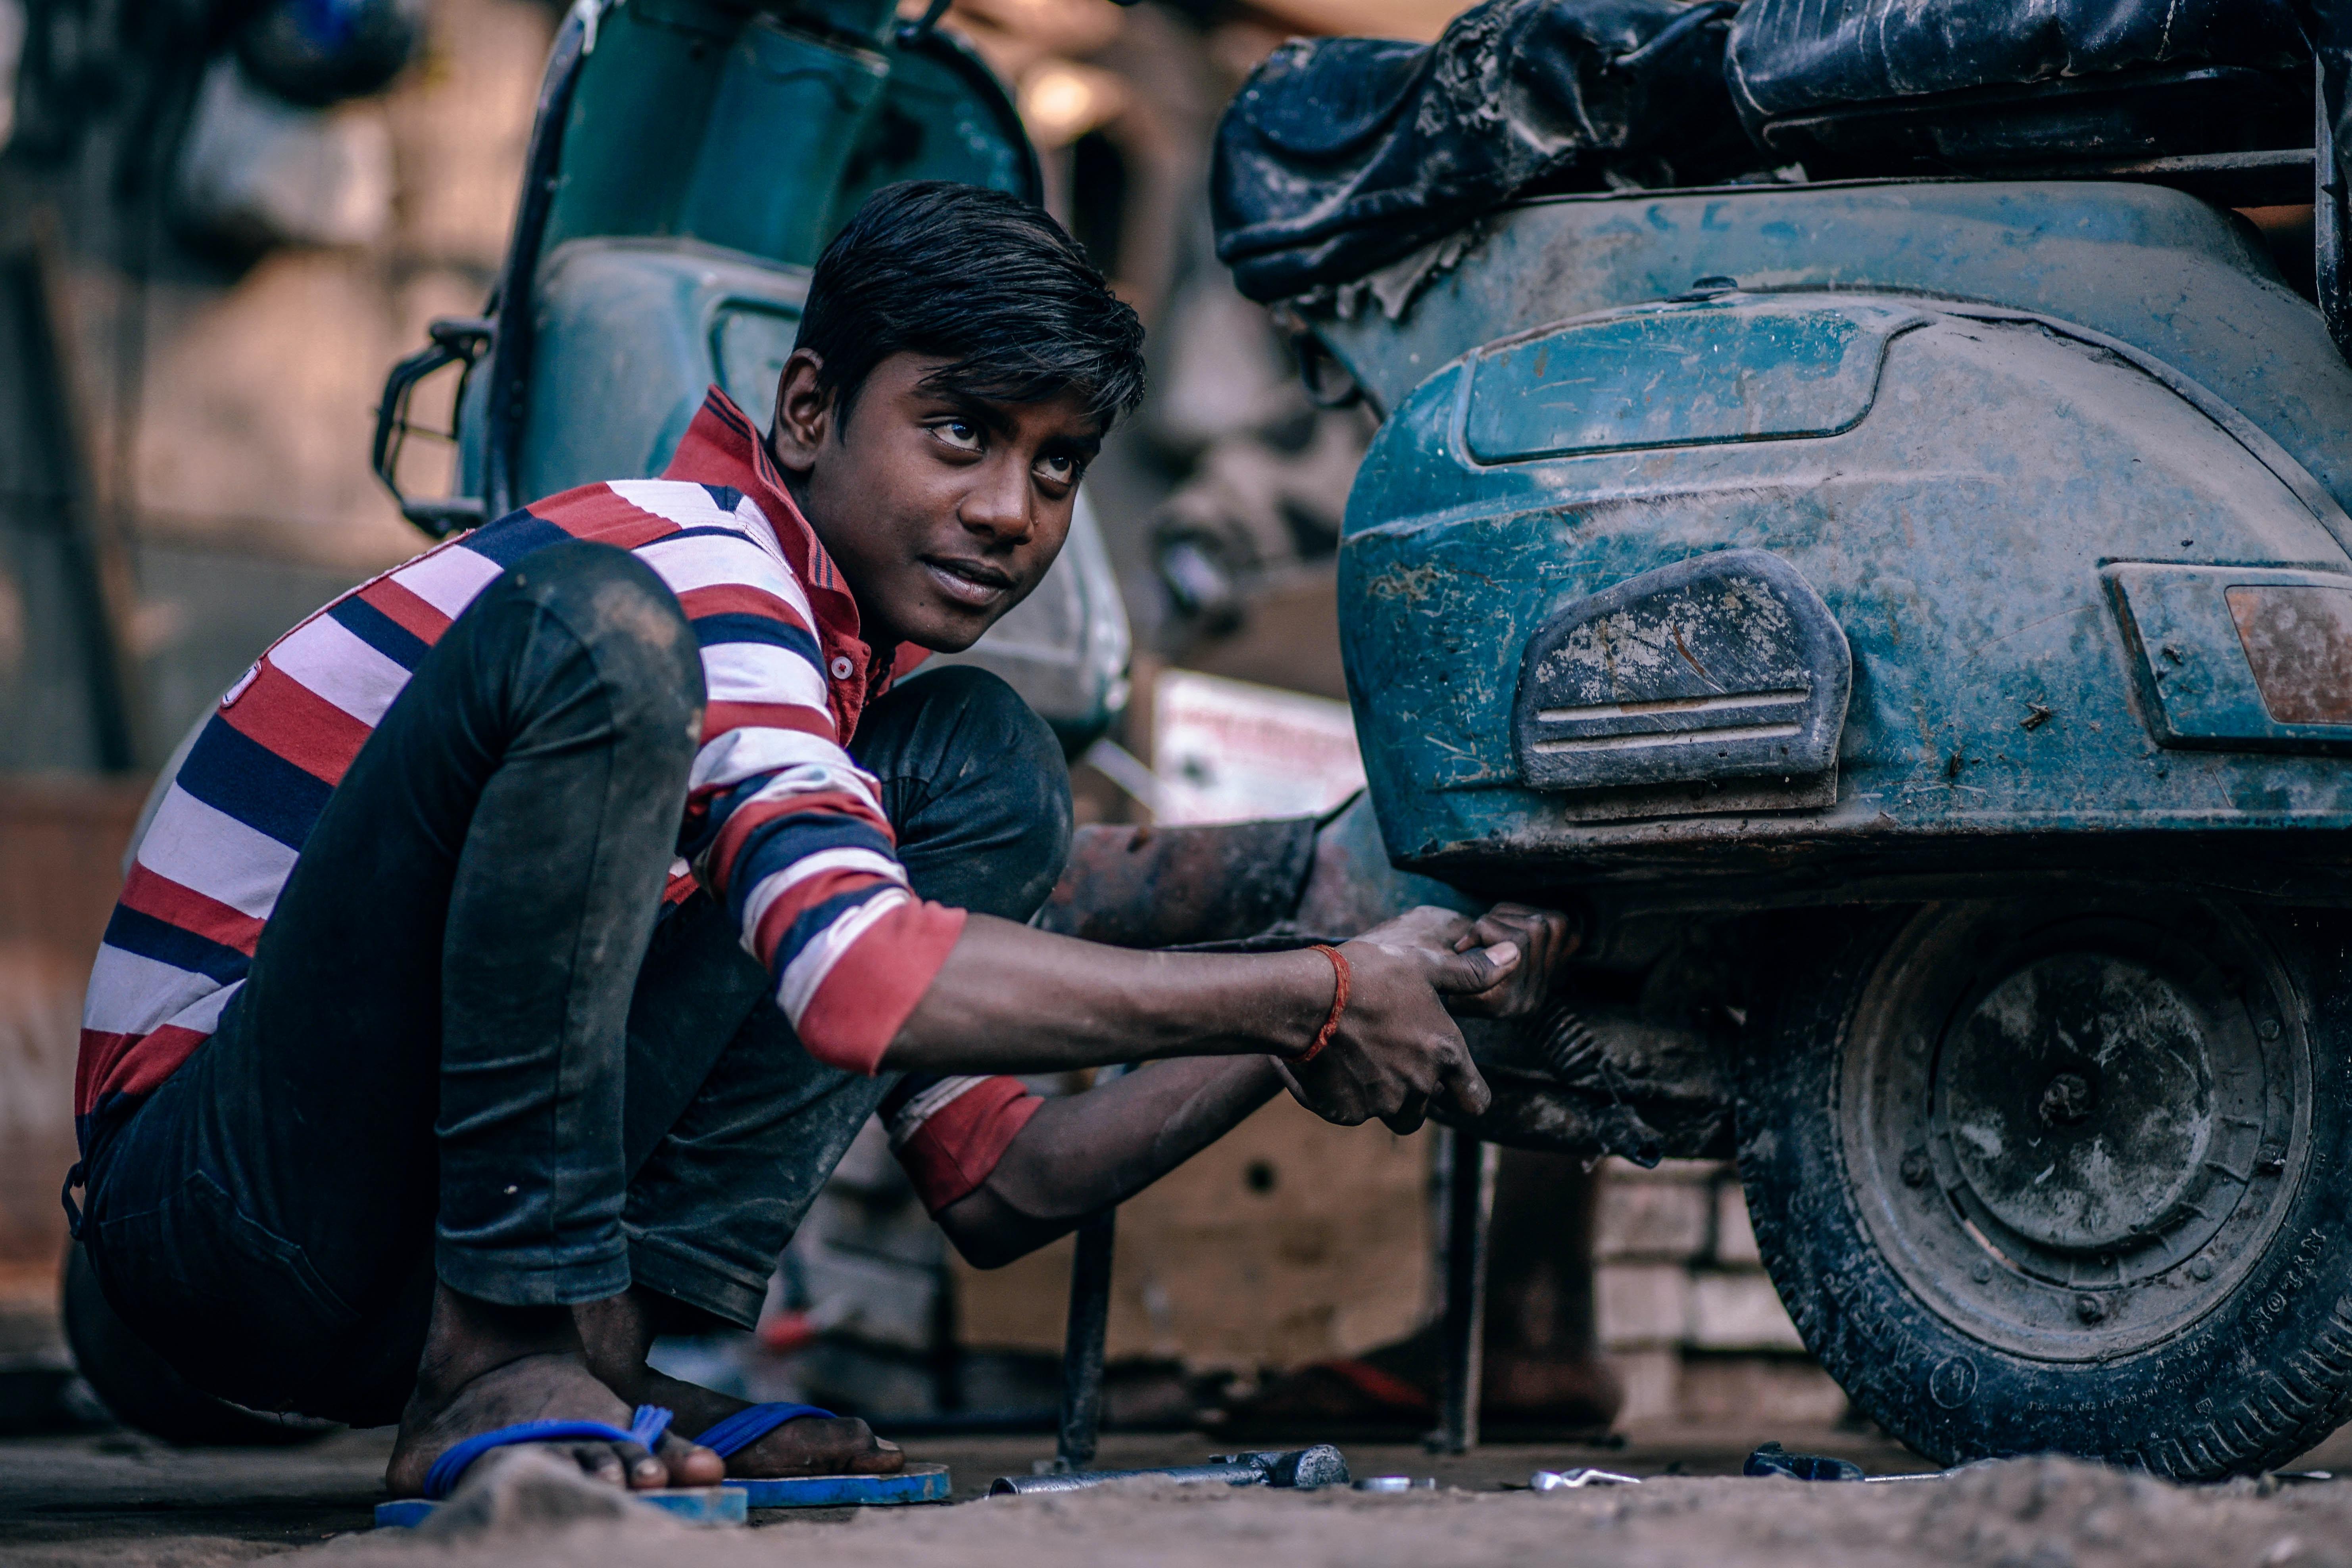 man fixing black motorcycle